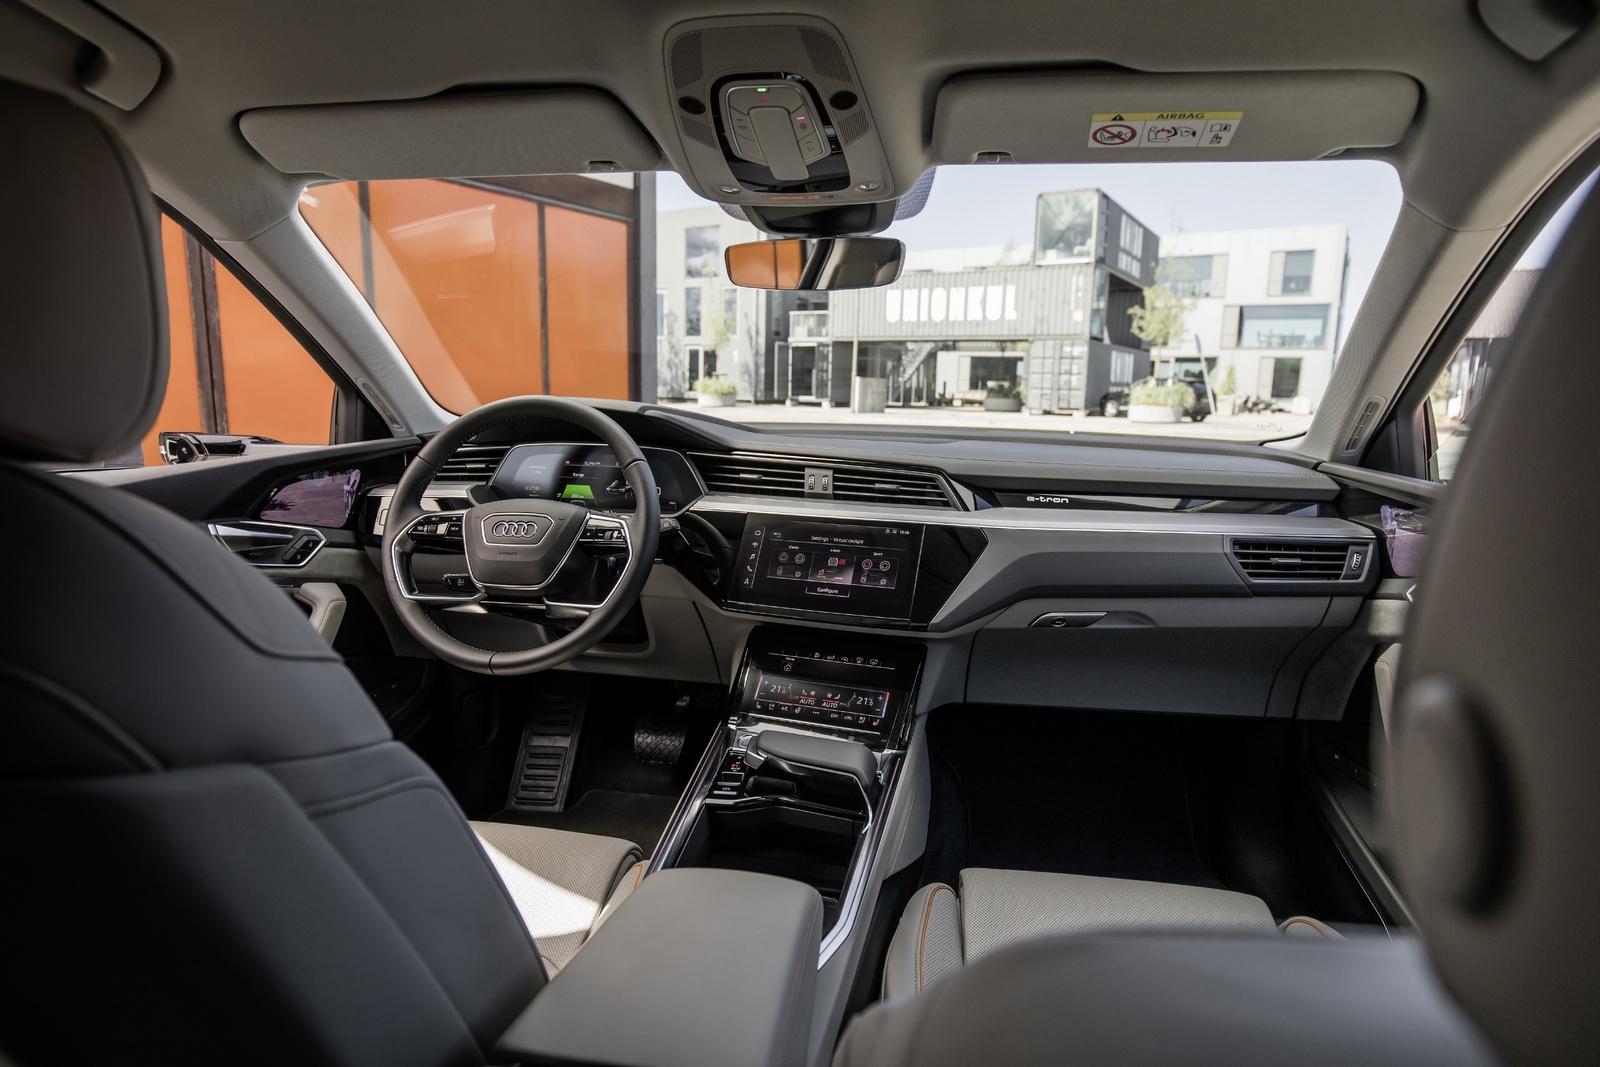 Кроссовер Audi с камерами вместо наружных зеркал: есть фото салона